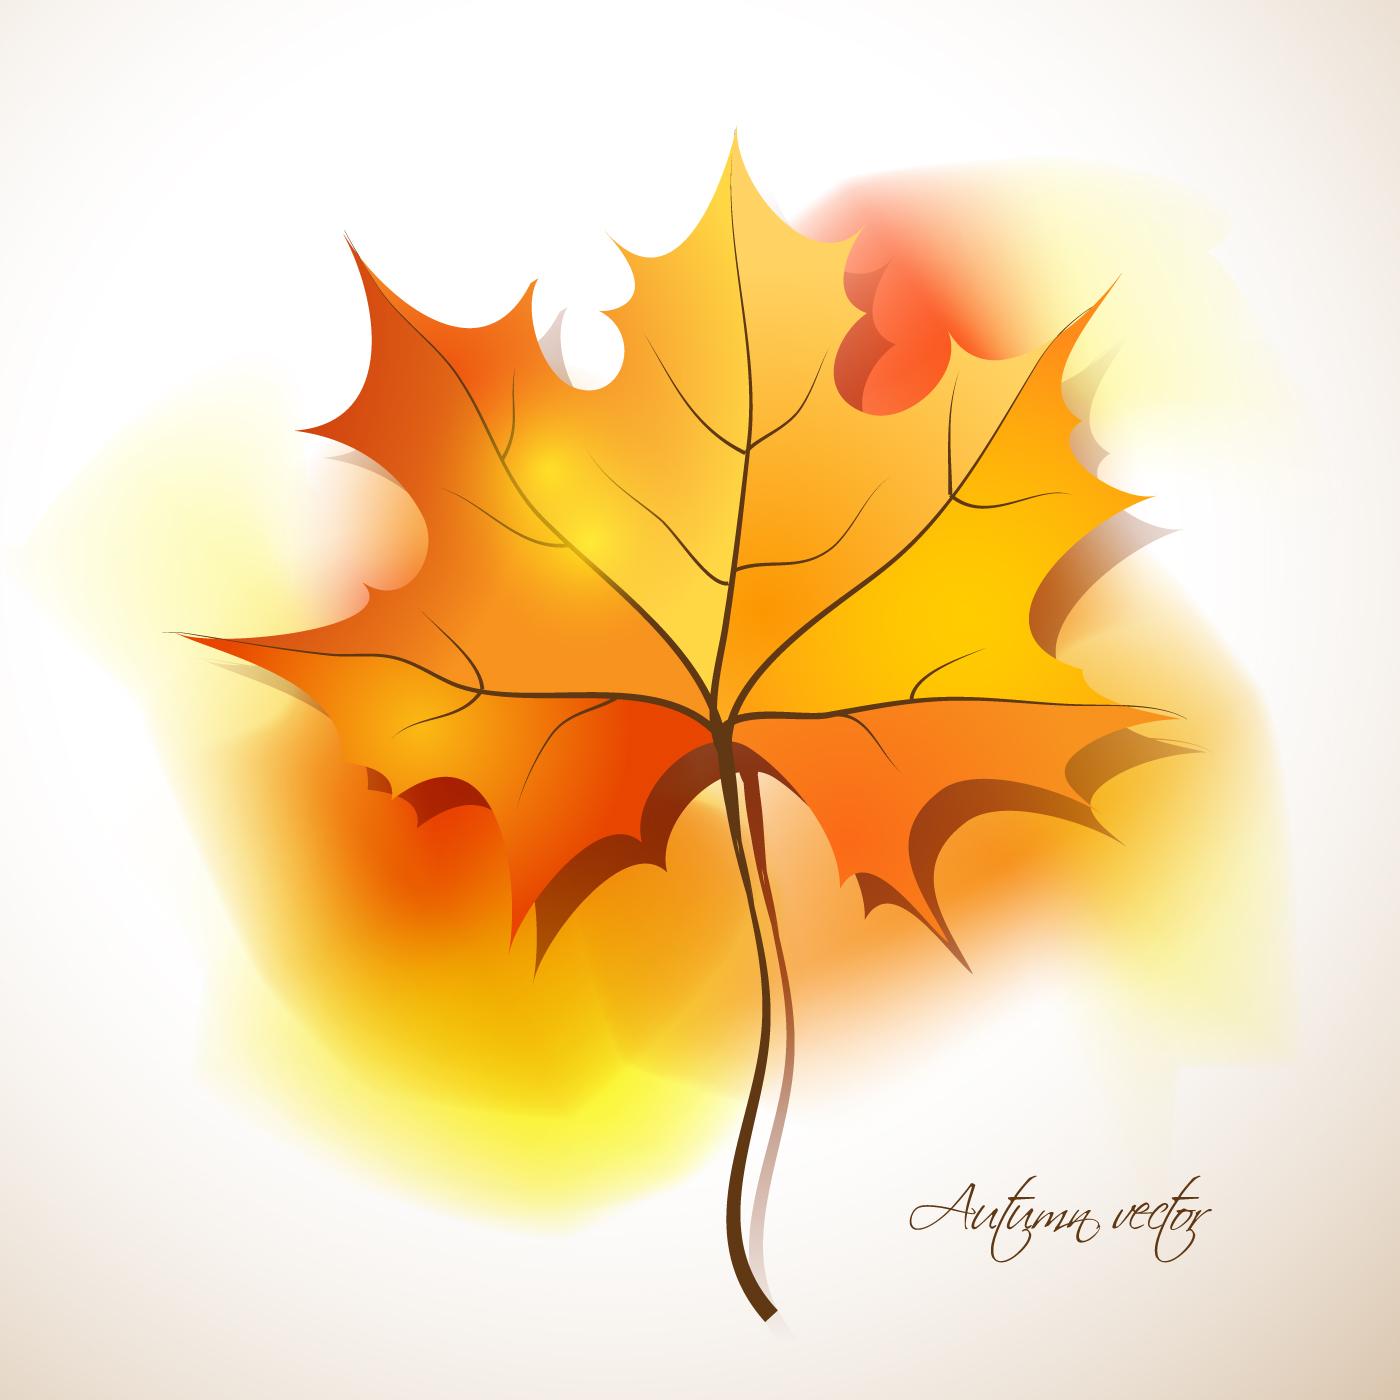 Медовым, открытка с днем учителя с кленовыми листьями